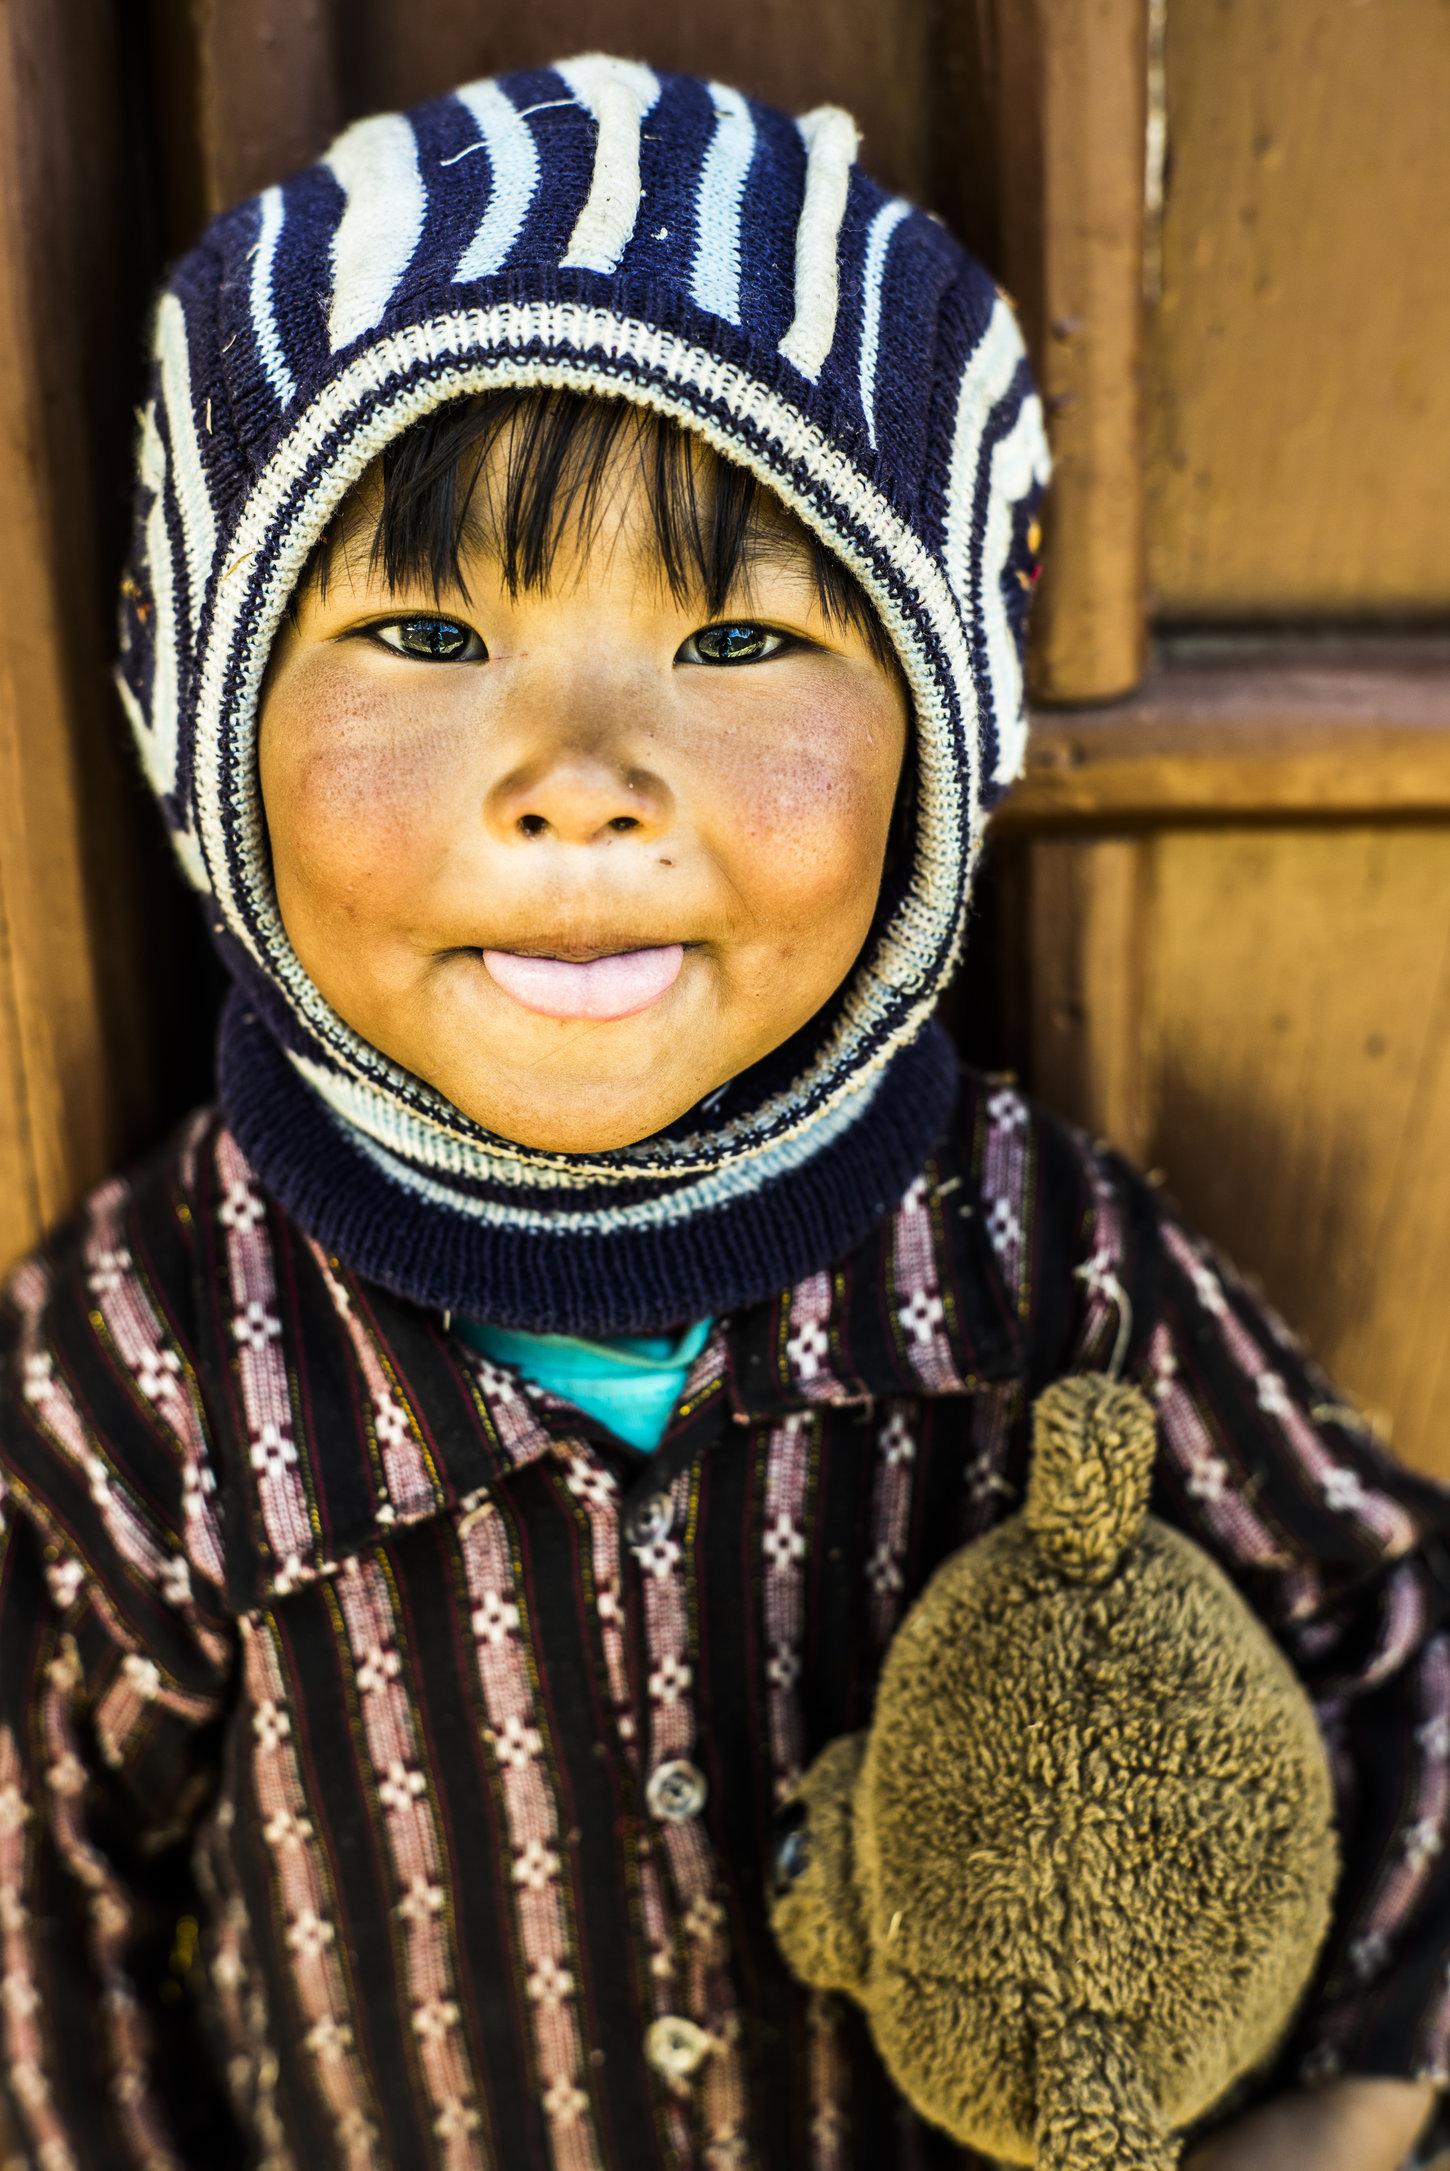 Gatlang, Nepal. 2015.